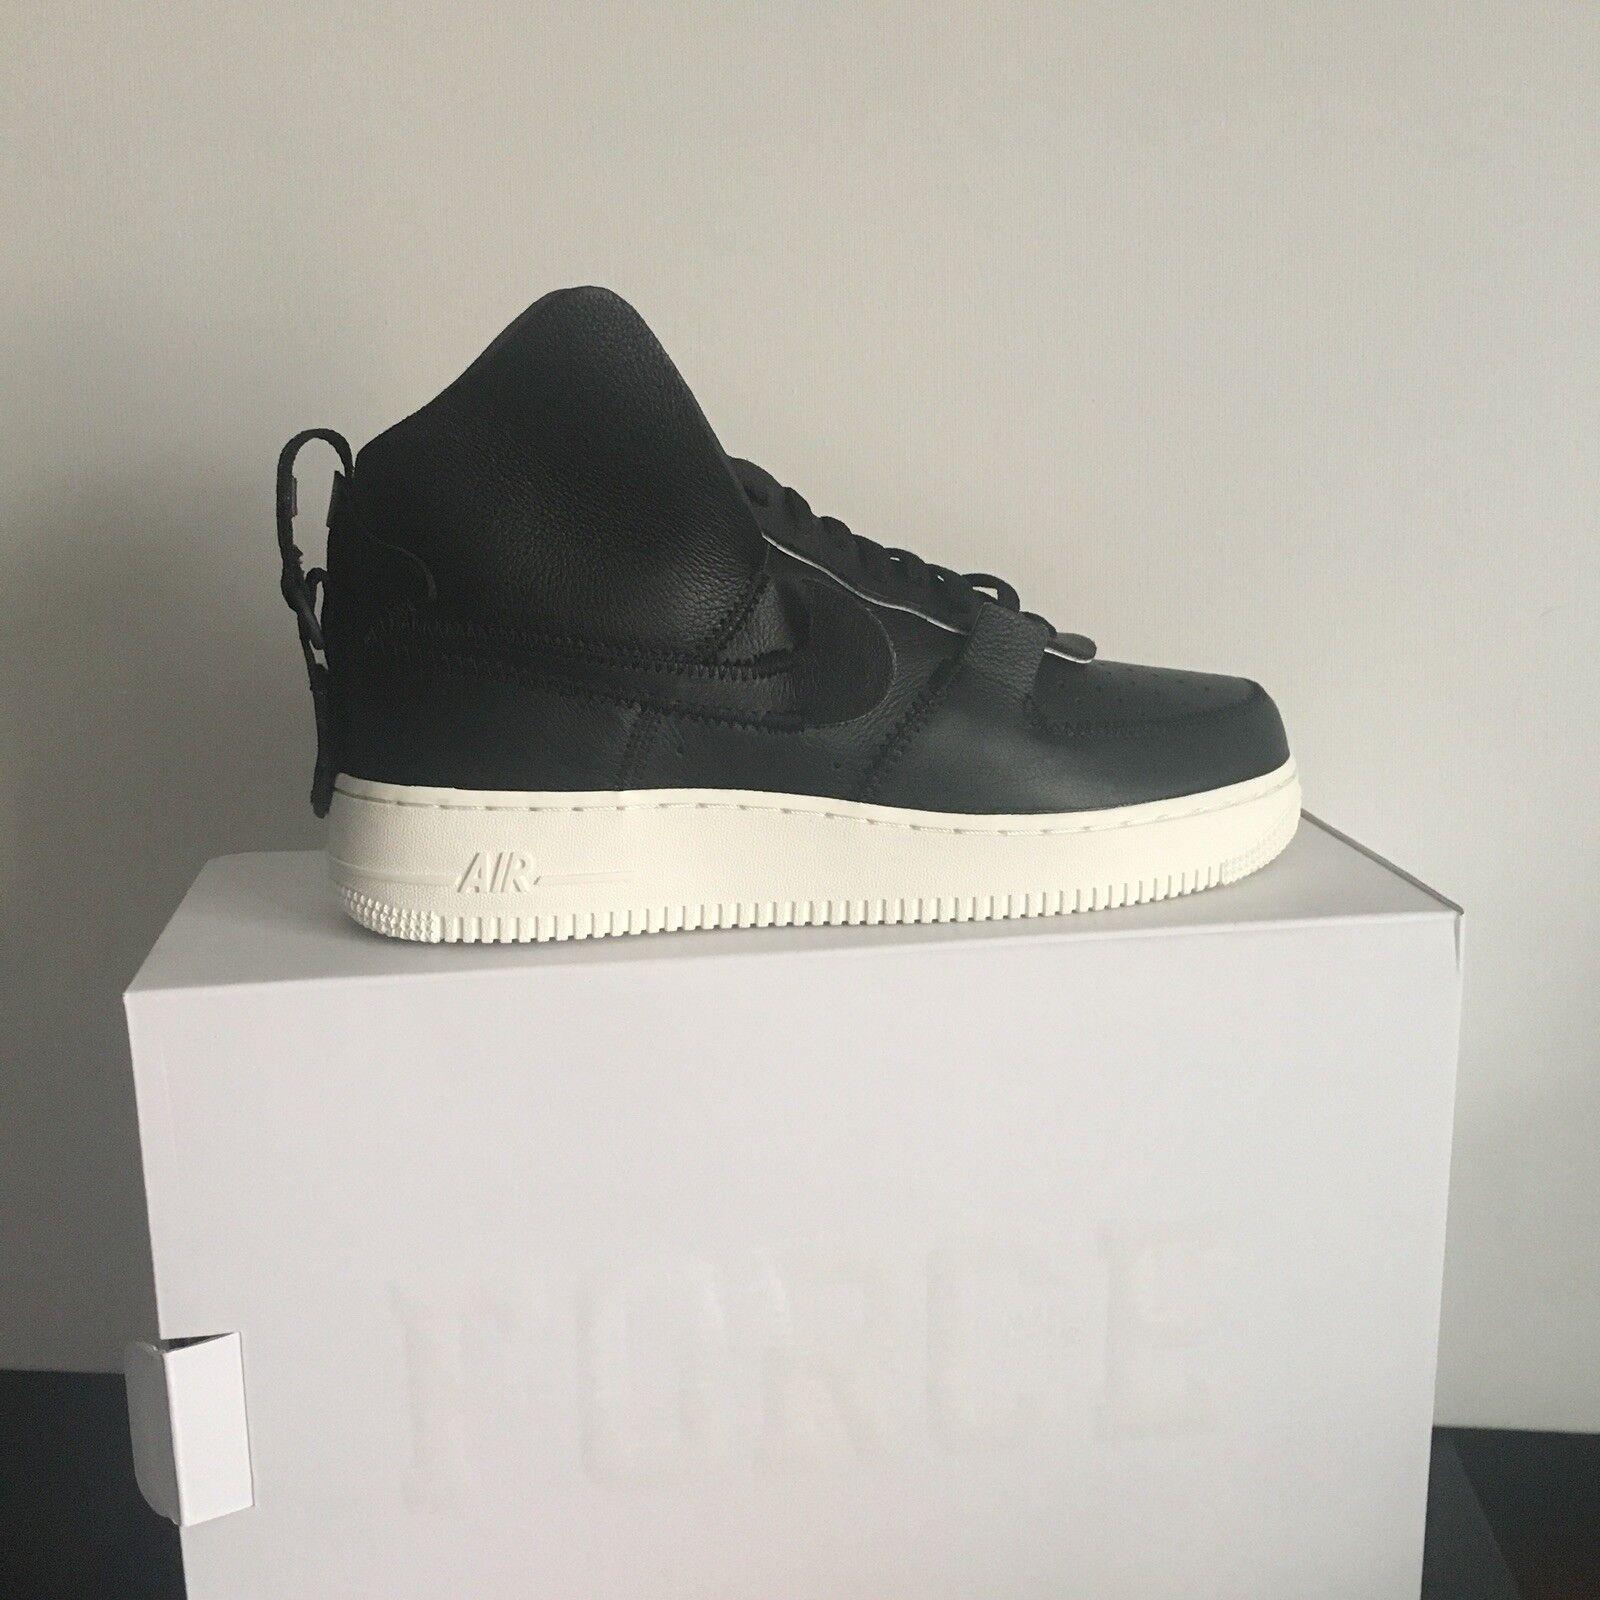 Nike air force 1 hoch x psny